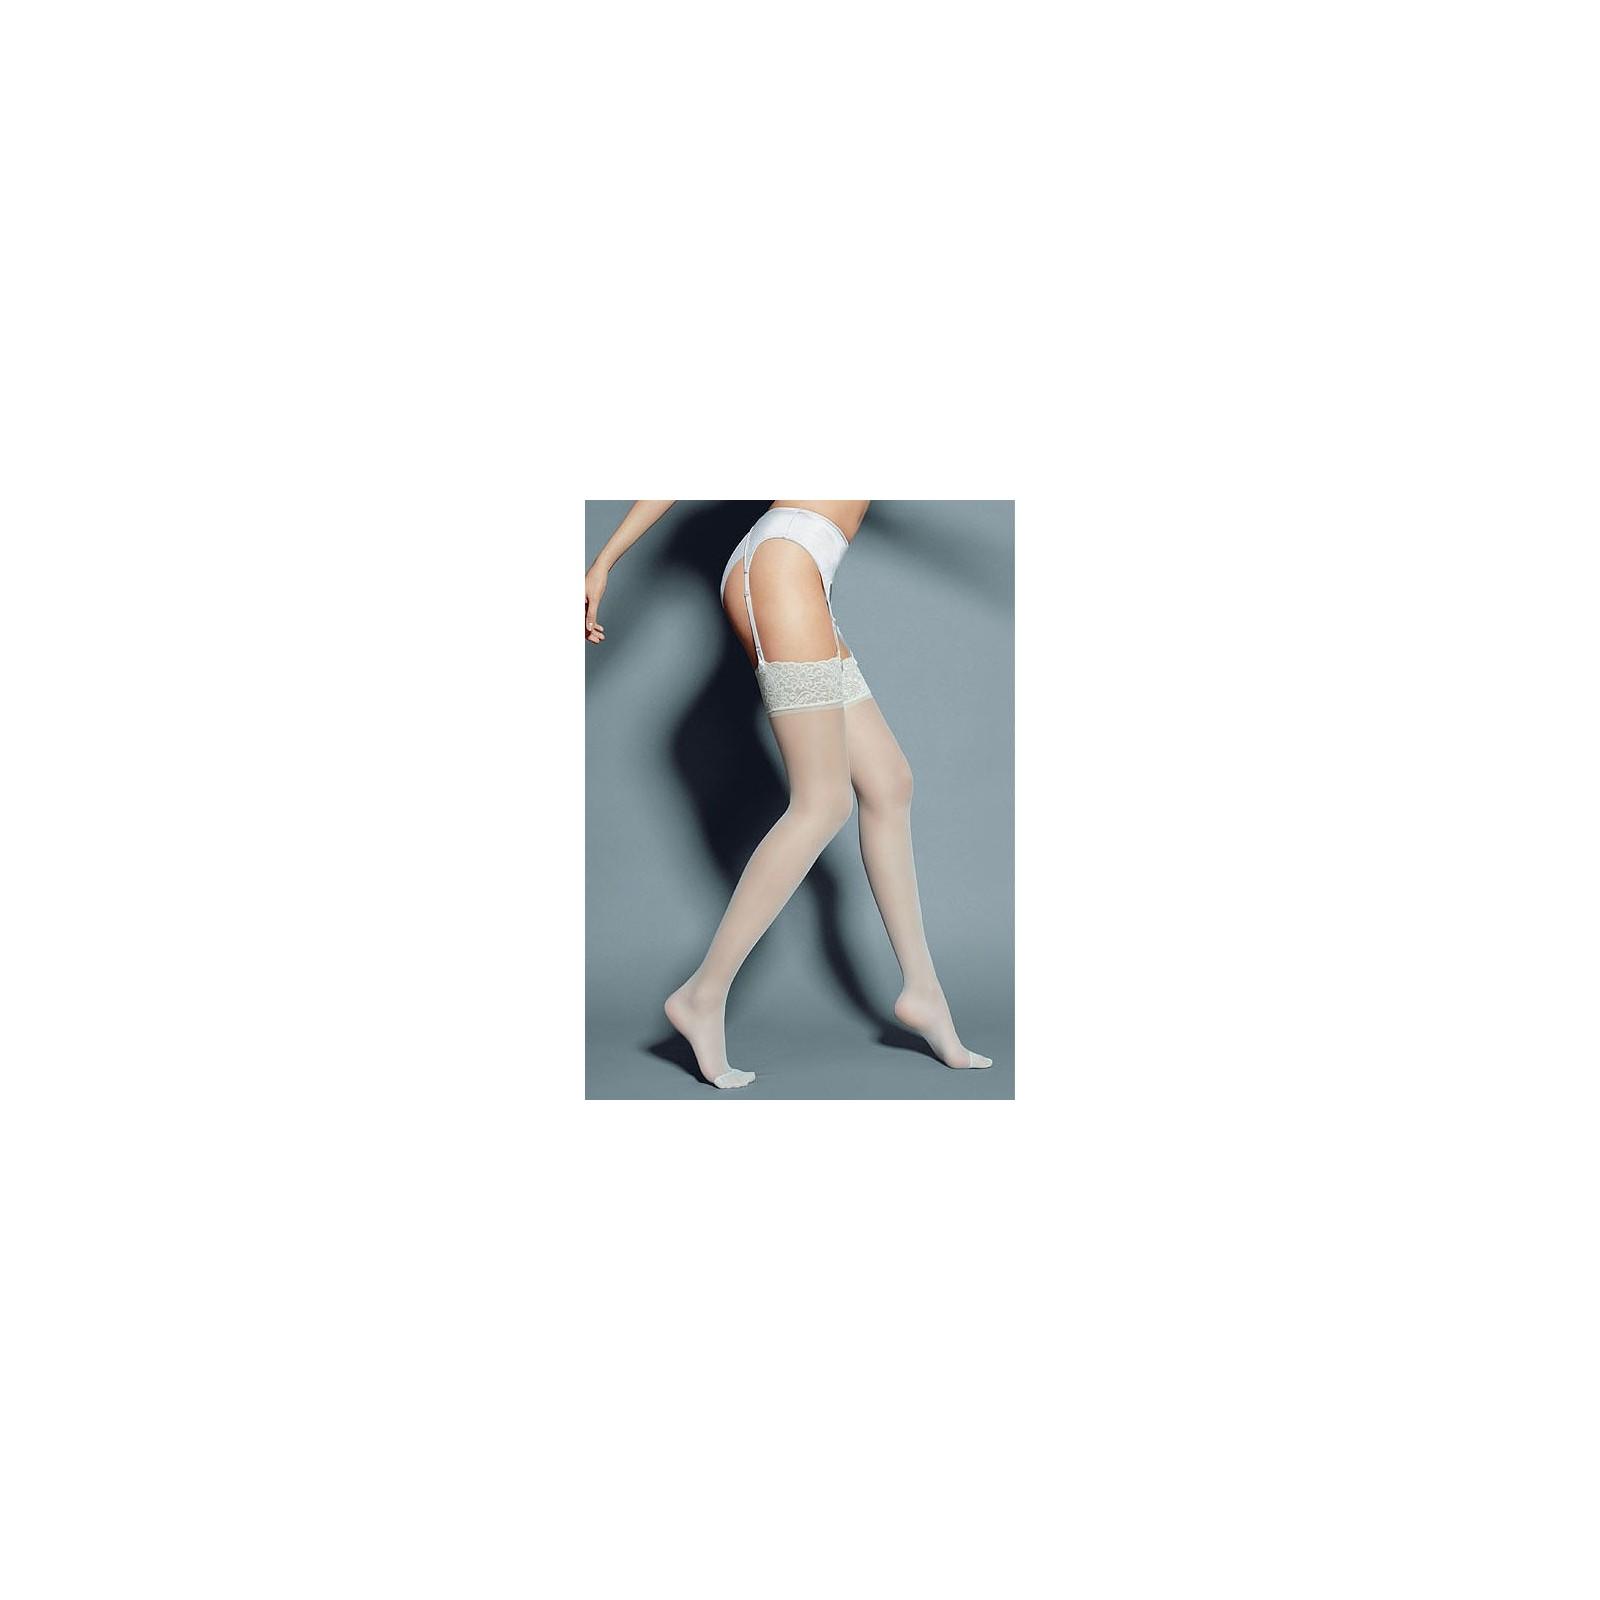 Strapsstrümpfe calze-mary-weiss - 1 - Vorschaubild